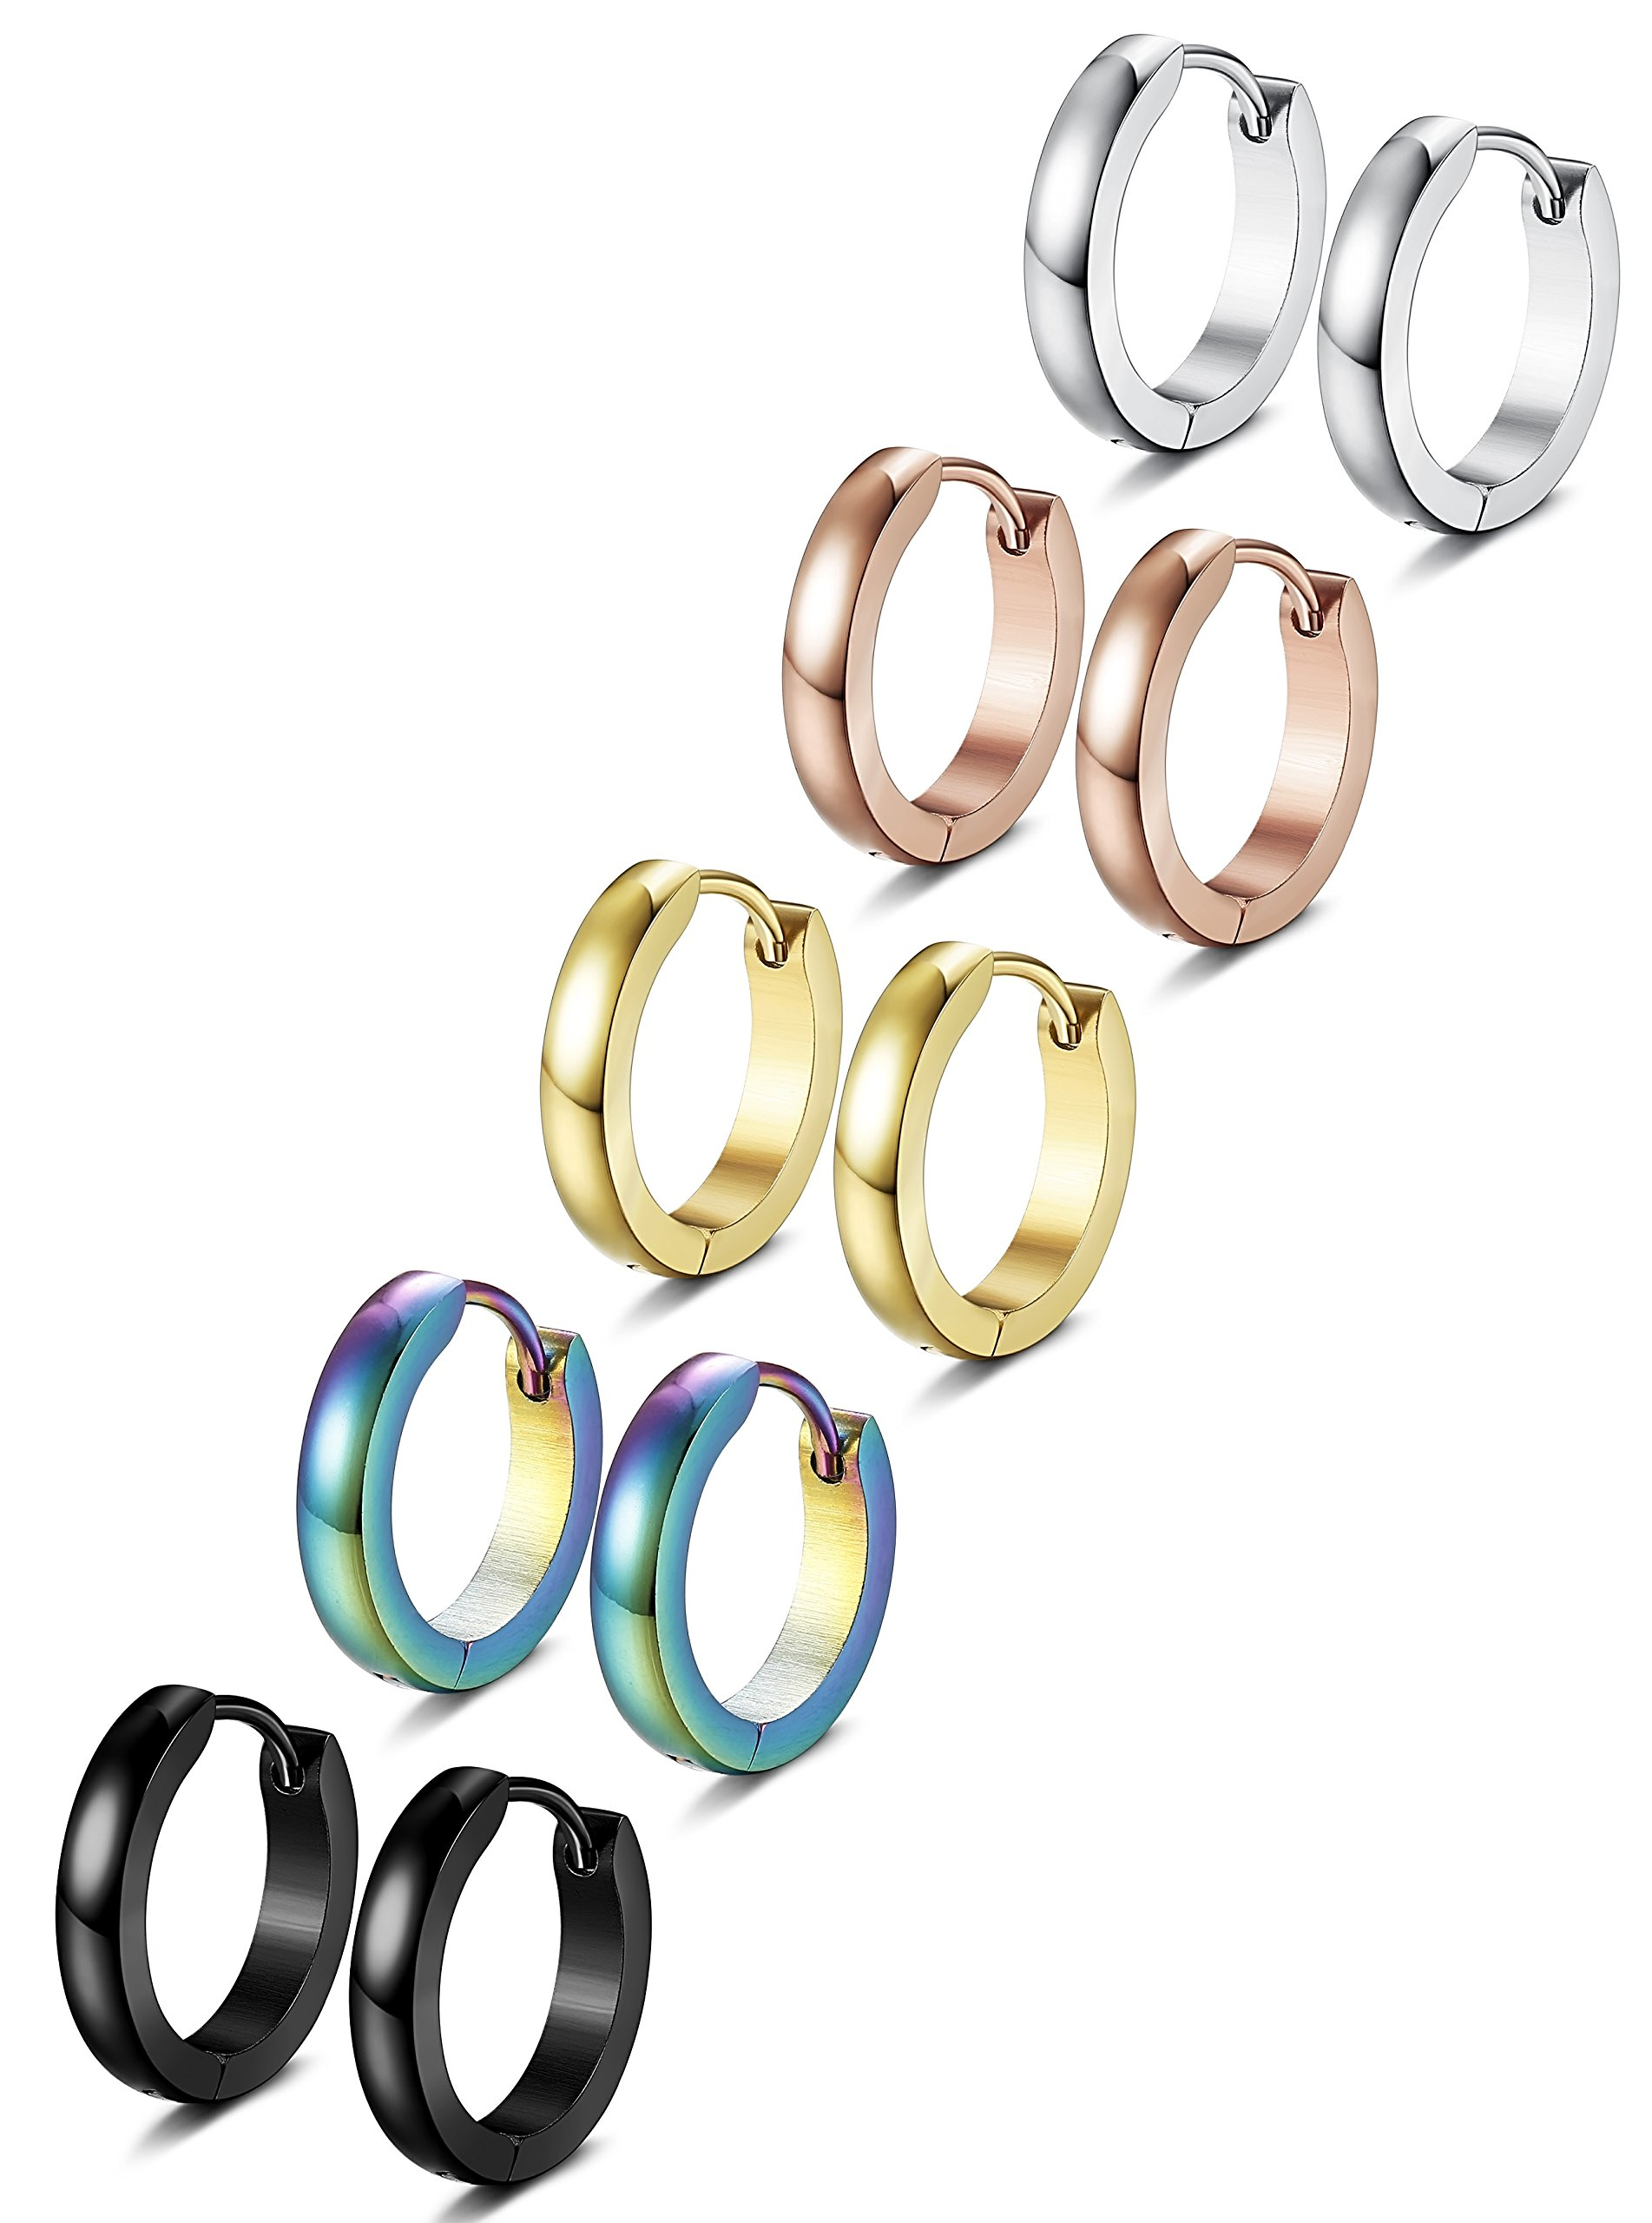 FIBO STEEL 5 Pairs Stainless Steel Hoop Earrings for Men Women Huggie Earrings 13MM Available